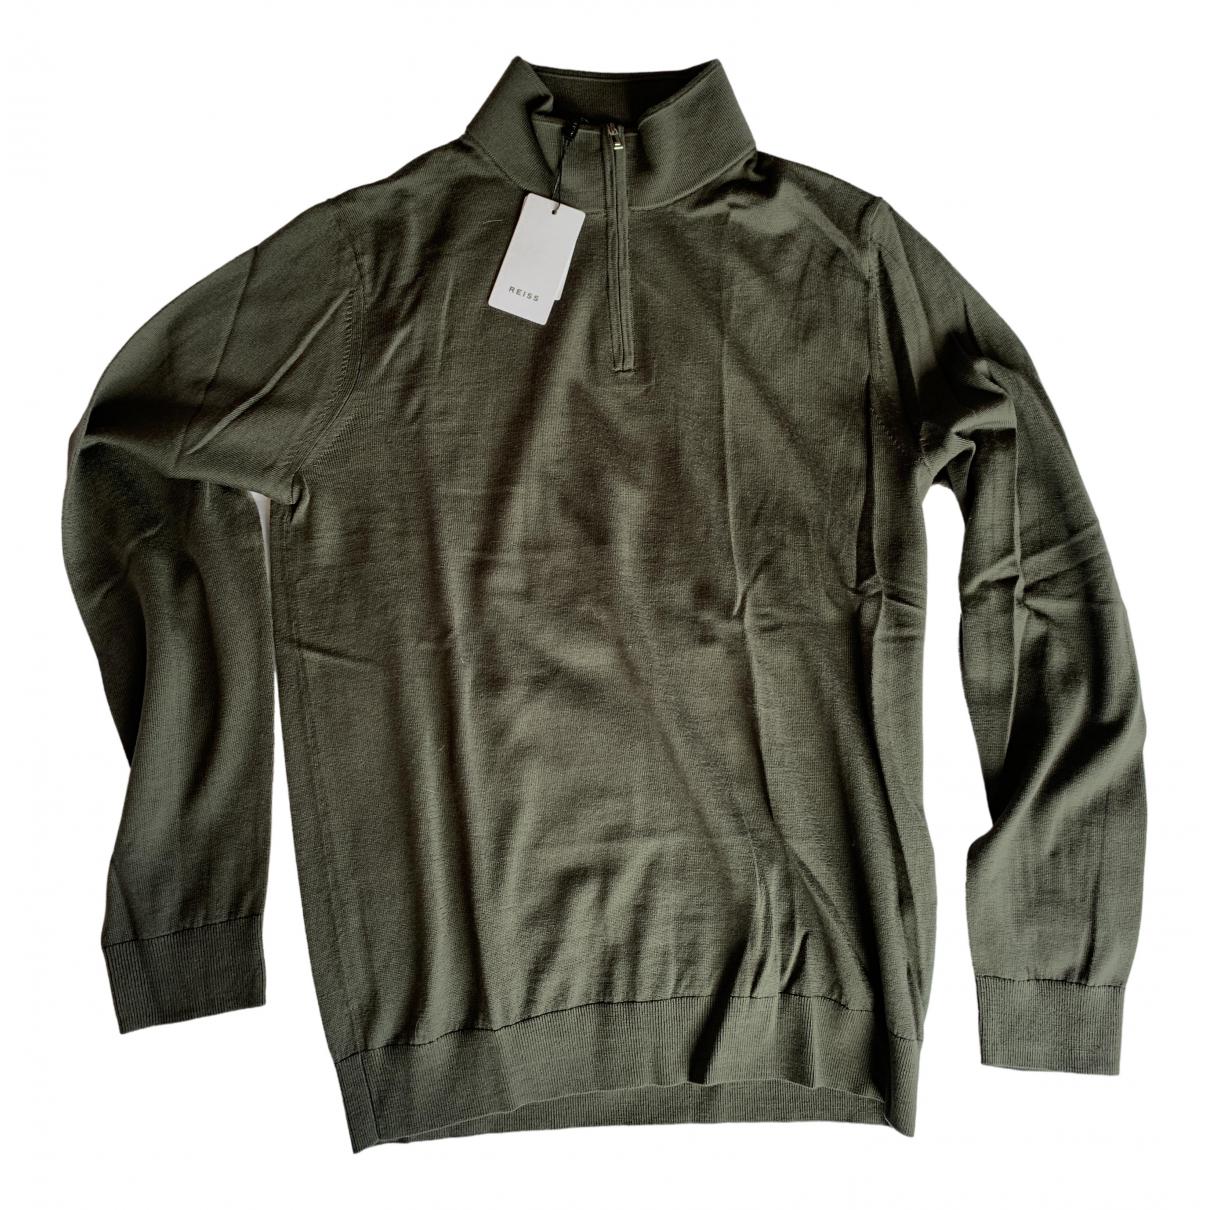 Reiss - Pulls.Gilets.Sweats   pour homme en laine - kaki